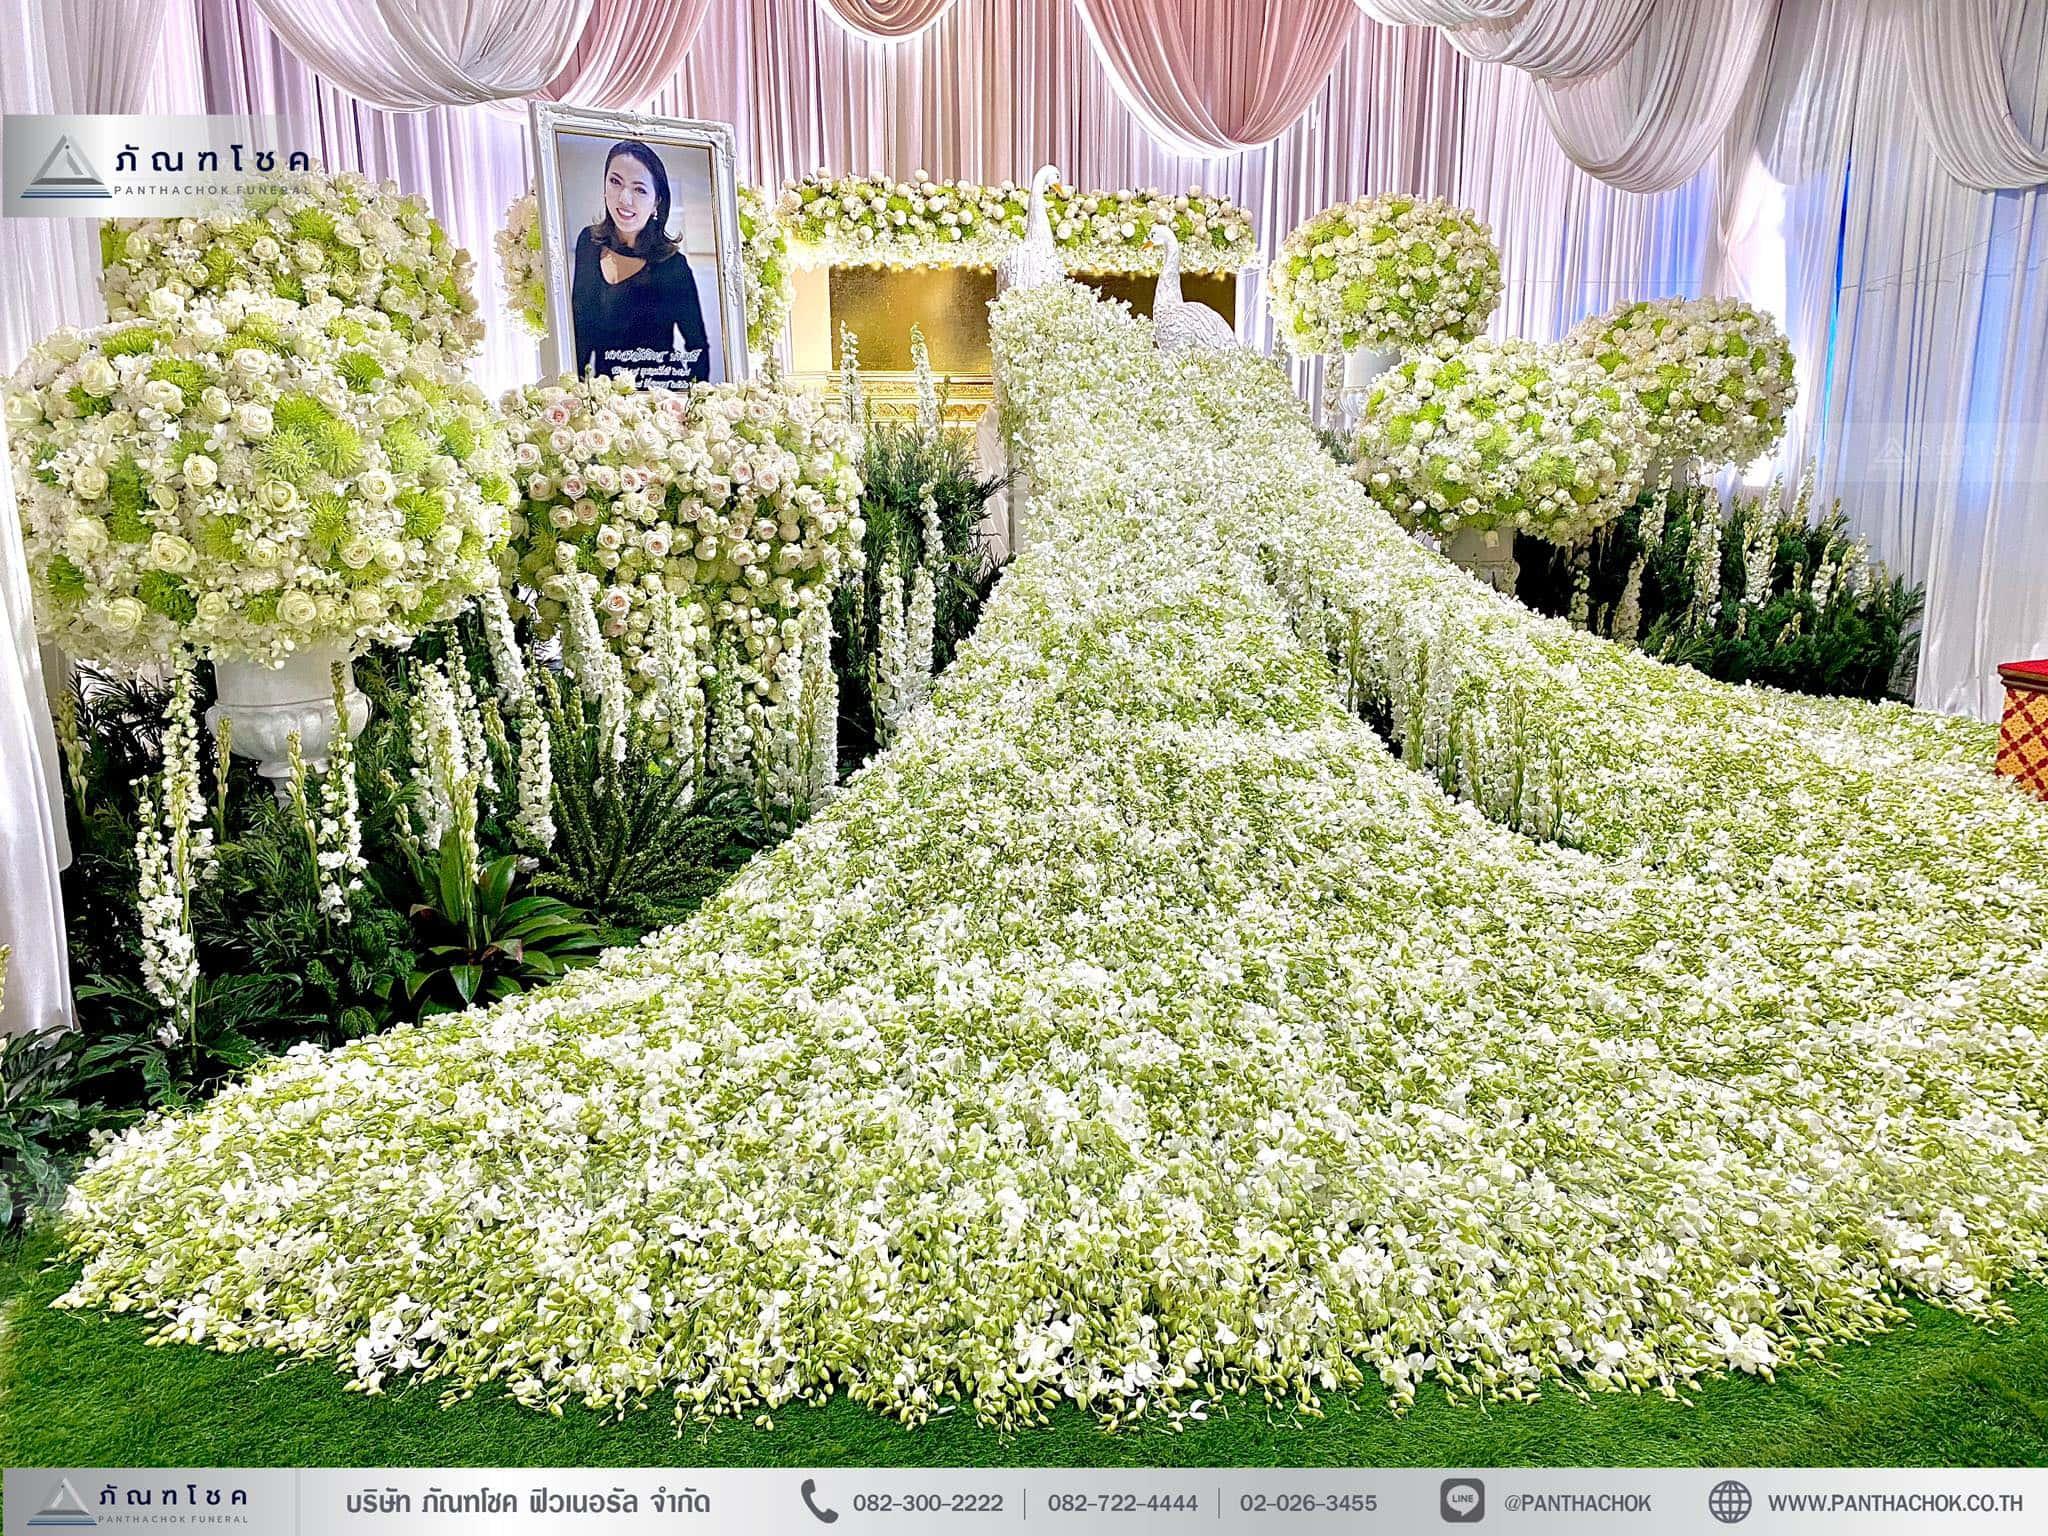 ดอกไม้งานศพชุดนกยูงหรูหรา ดอกไม้งานศพสีขาวล้วน